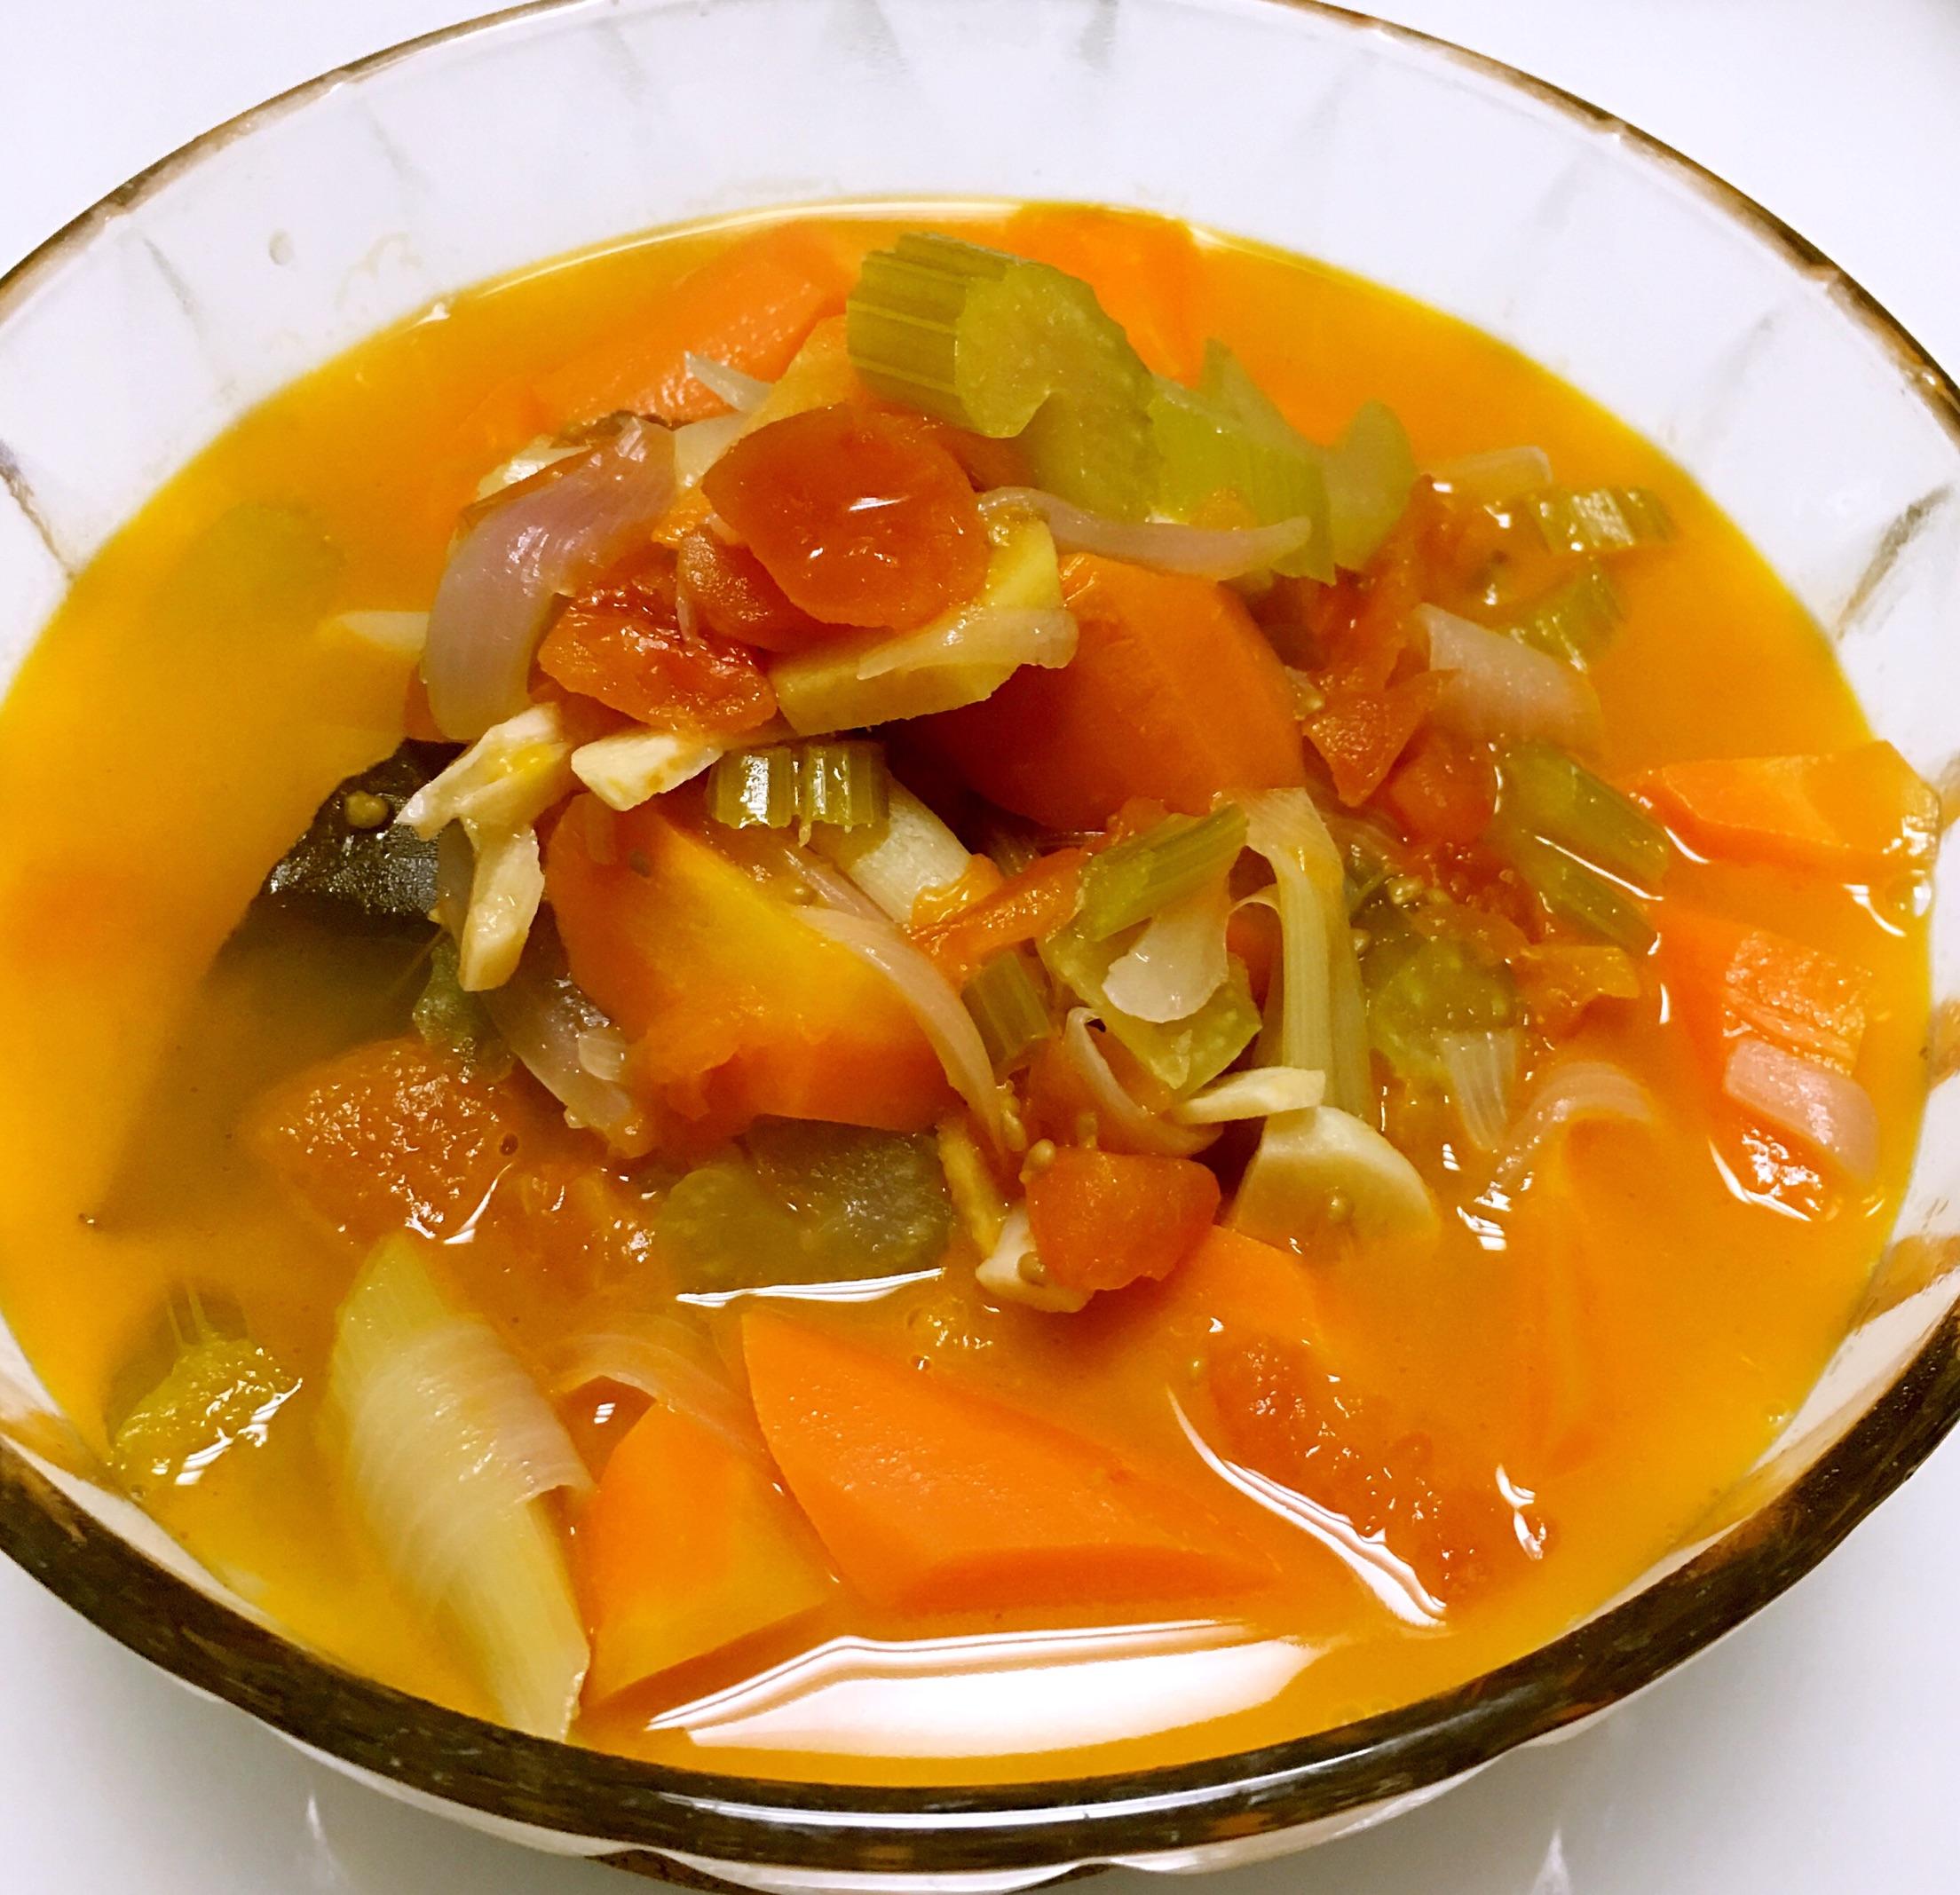 薏米汤的做法_美食_豆果黑发常吃菜谱能使白发变发牛尾吗?图片